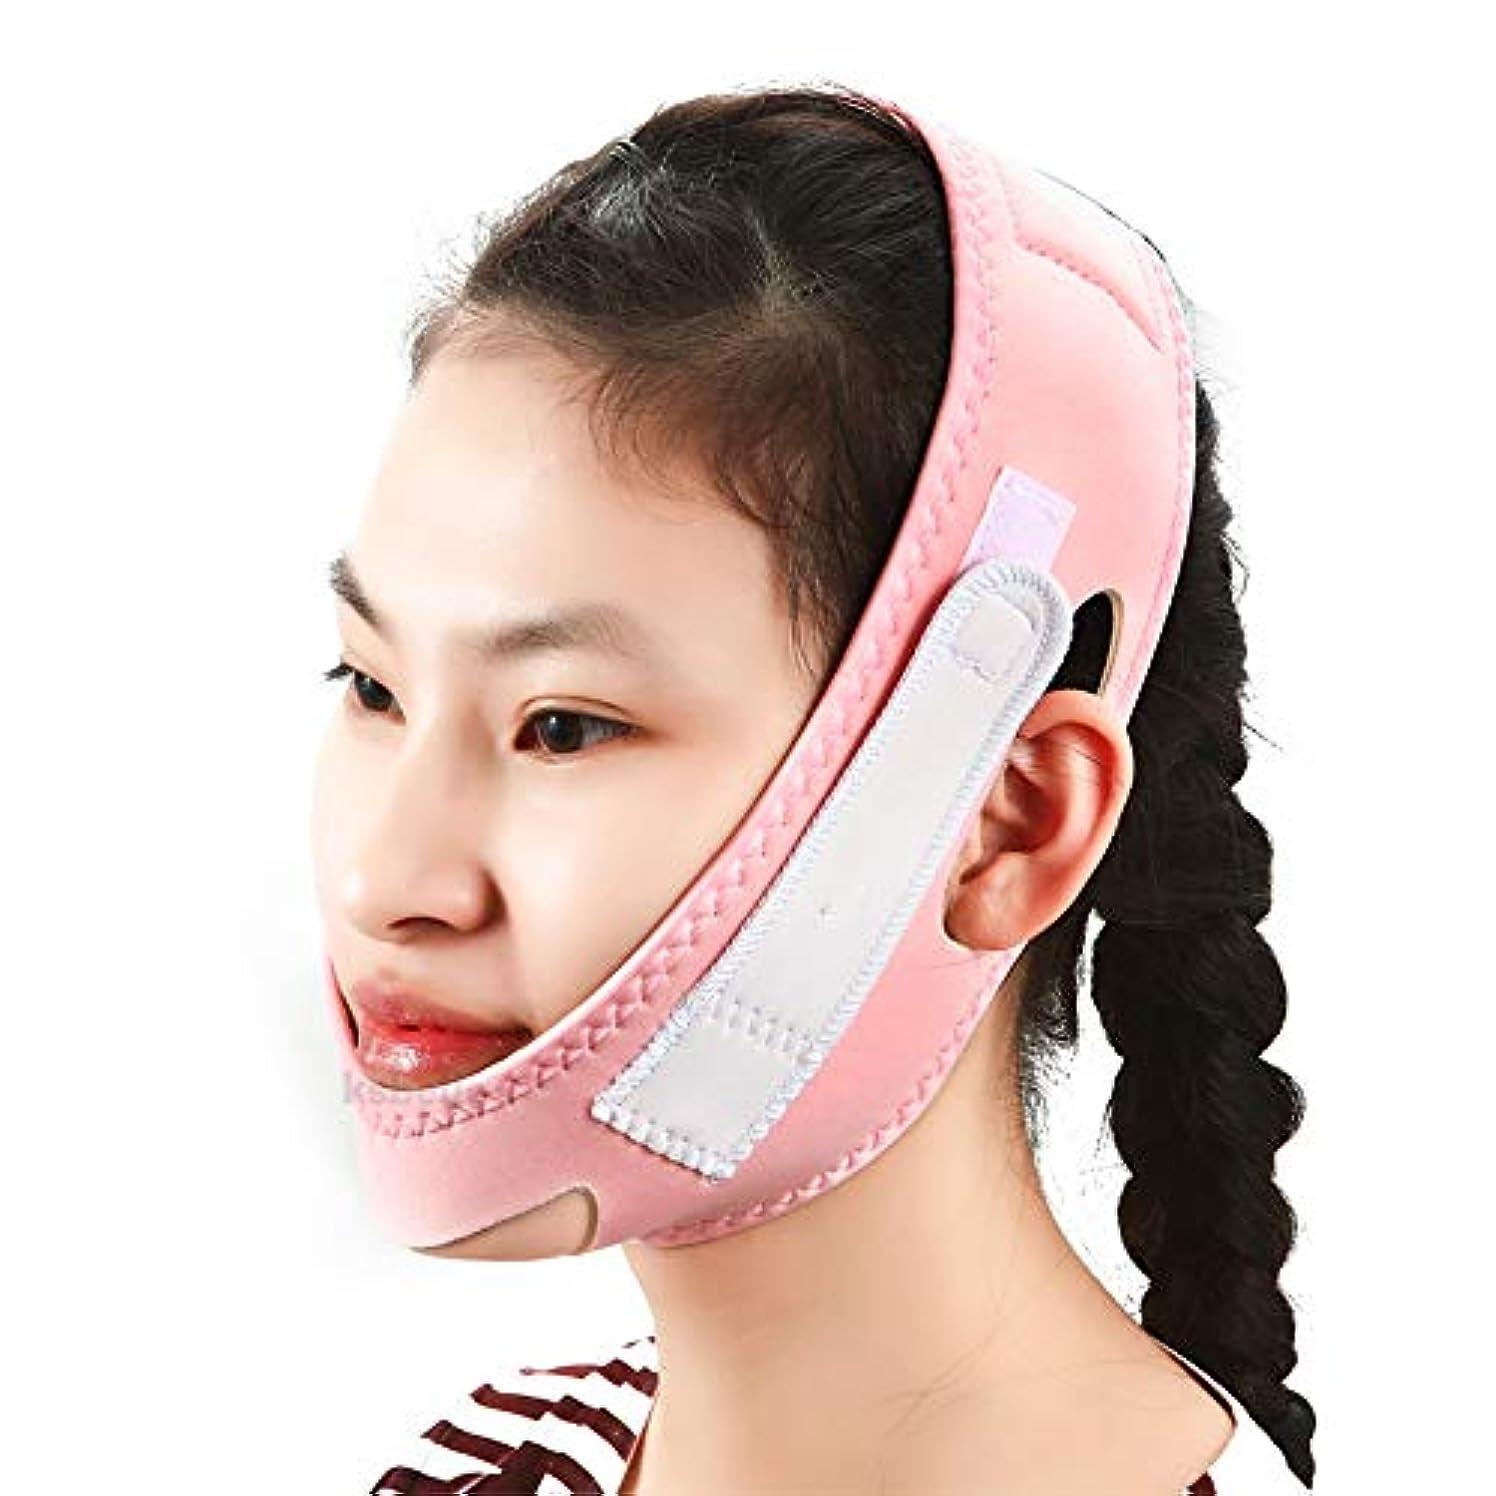 に渡って架空の来てフェイススリムVラインリフトアップマスクチークチンネックスリム薄いベルトストラップ美容繊細な顔の薄いフェイスマスク痩身包帯